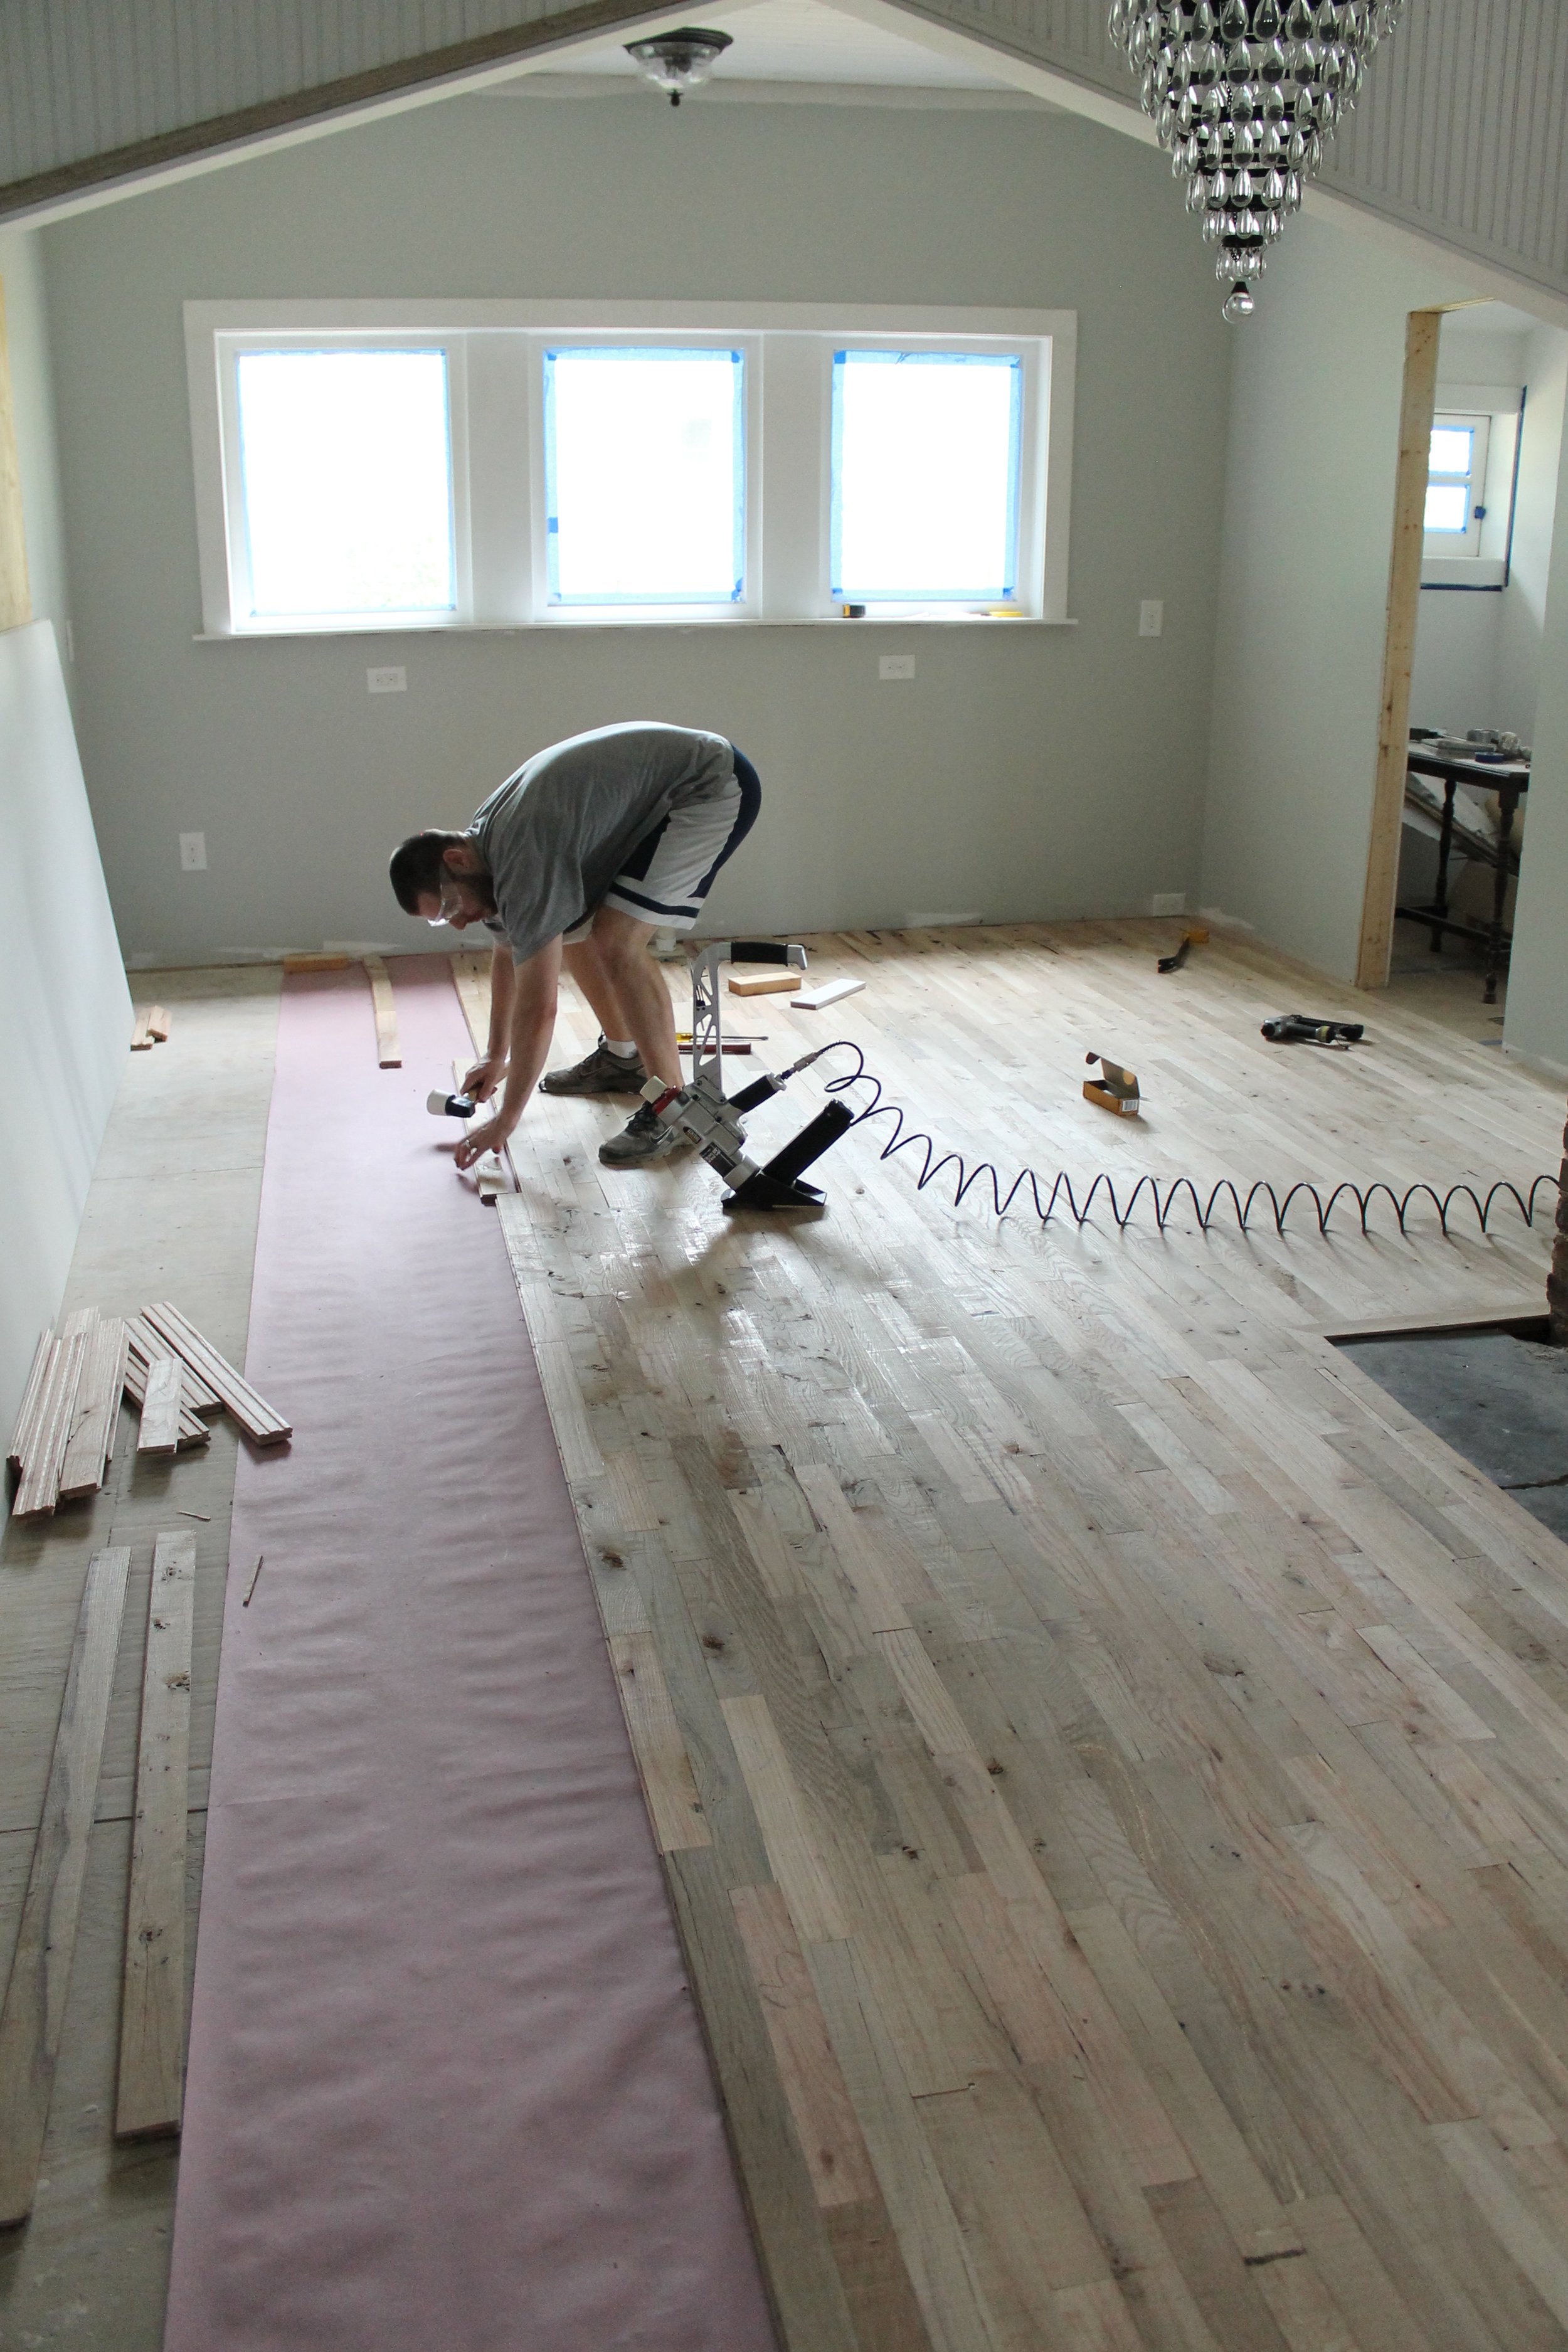 Racking hardwood flooring